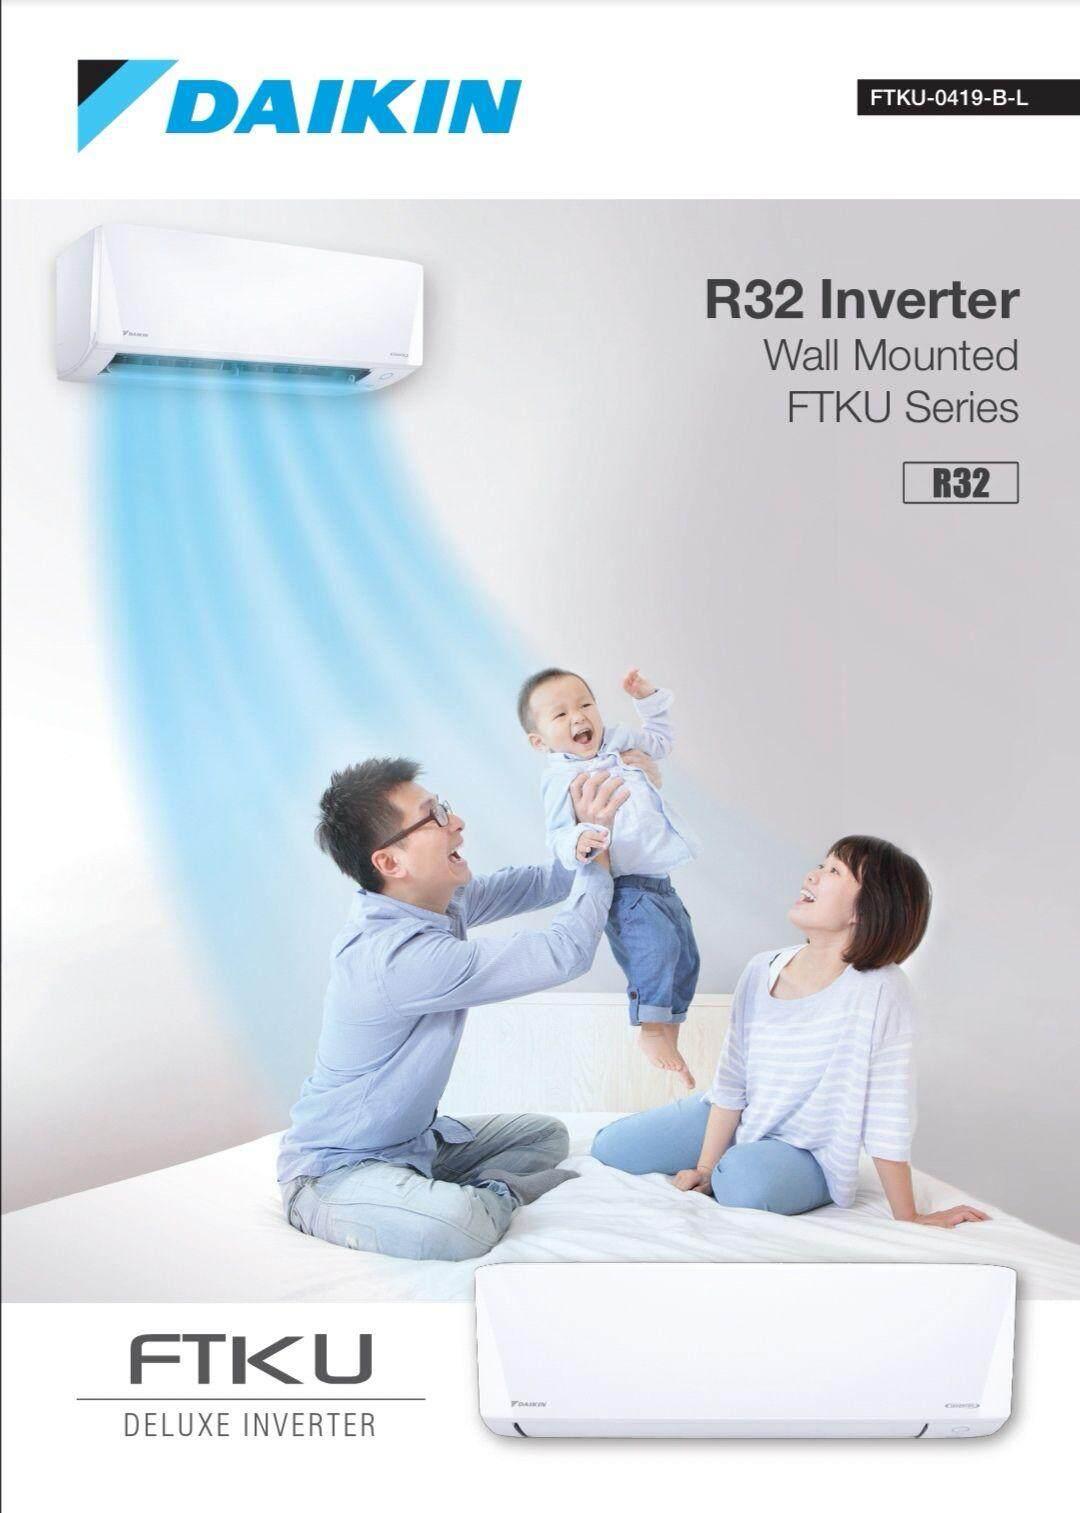 Daikin R32 Inverter Wall Mounted FTKU Series FTKU35A & RKU35F 1.5hp Inverter Wall Mounted Air Conditioner (R32) - 5 star Energy Saving